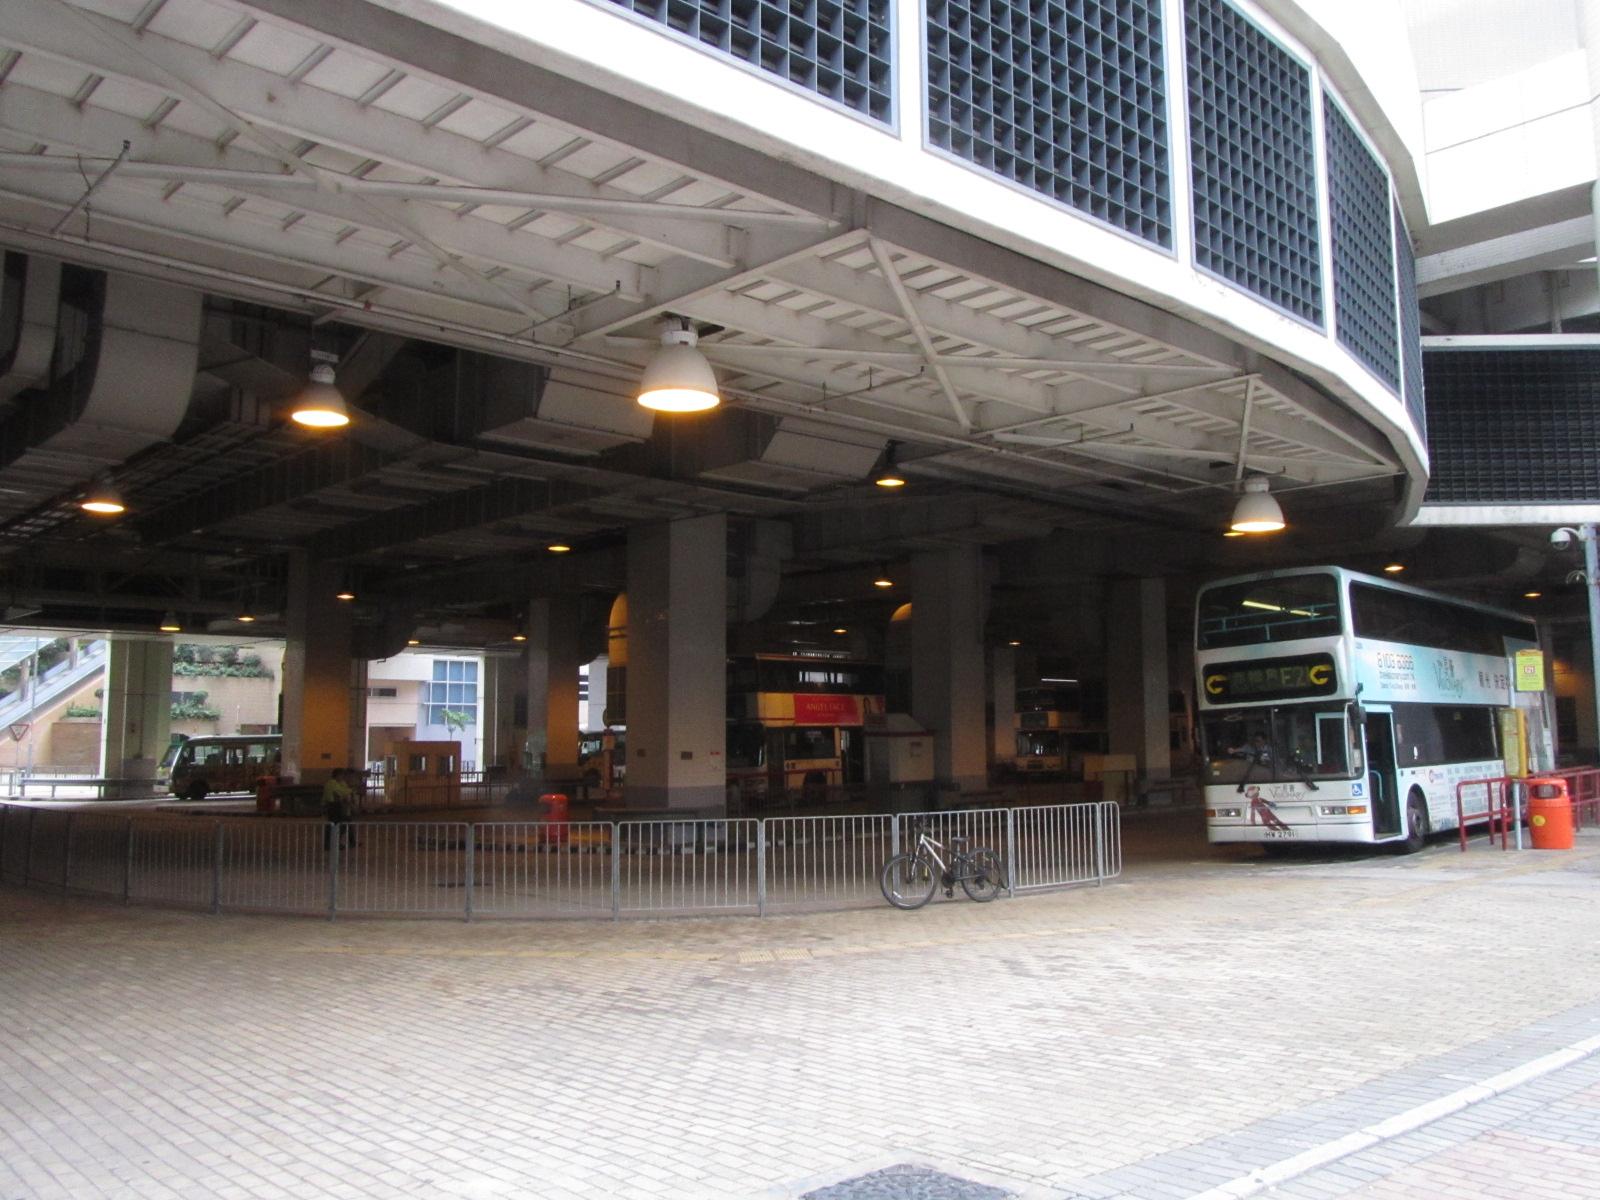 大角咀 (維港灣) 公共運輸交匯處